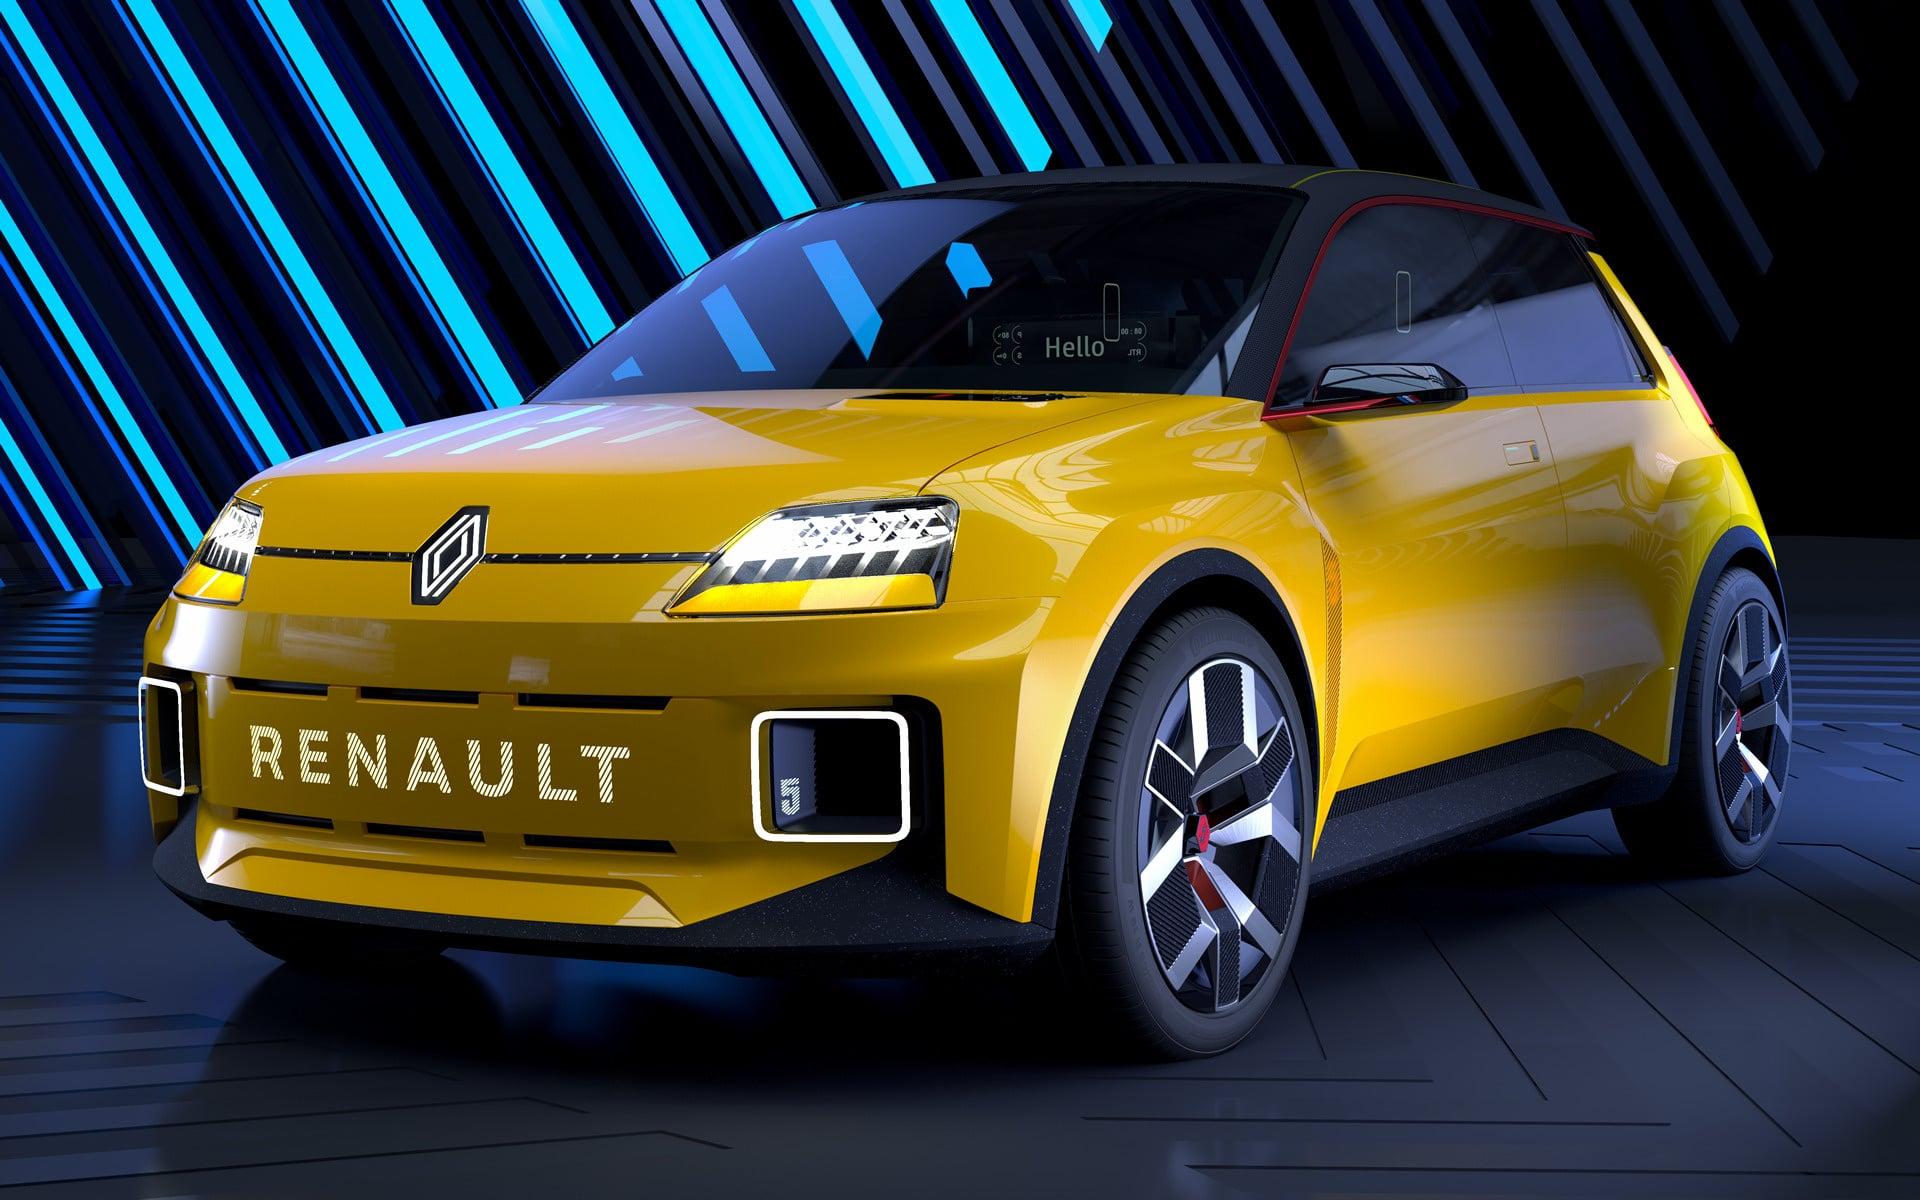 Actualité Renault - Photo d'illustration Renault 2022 : limitation à 180km/h pour les prochains véhicules, et abandon total du diesel